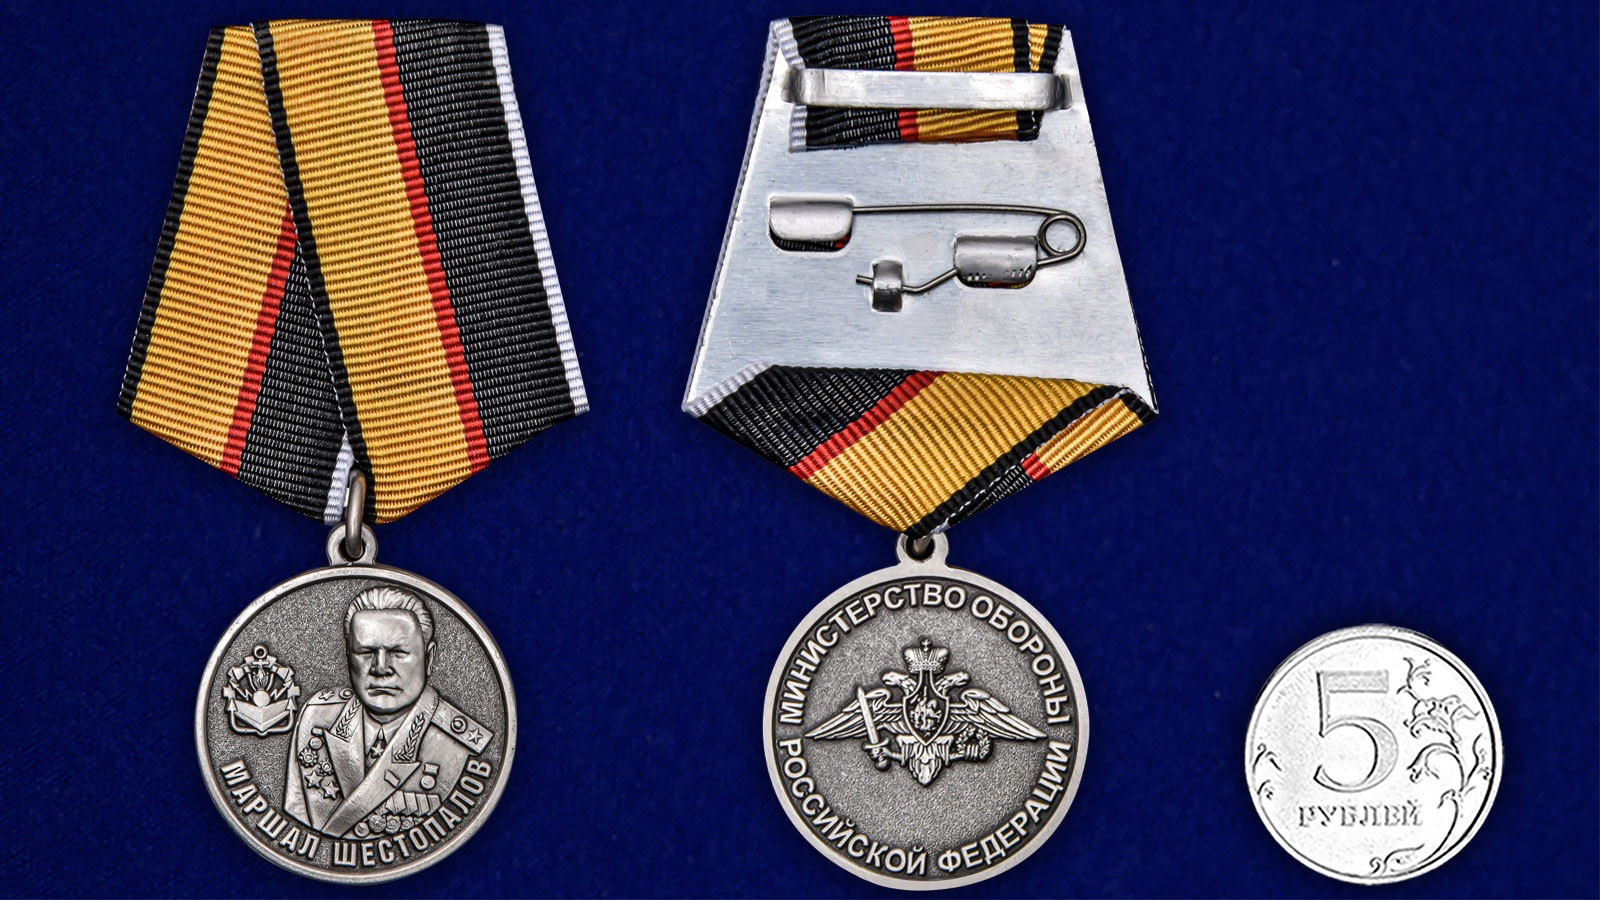 Памятная медаль Маршал Шестопалов МО РФ - сравнительный вид